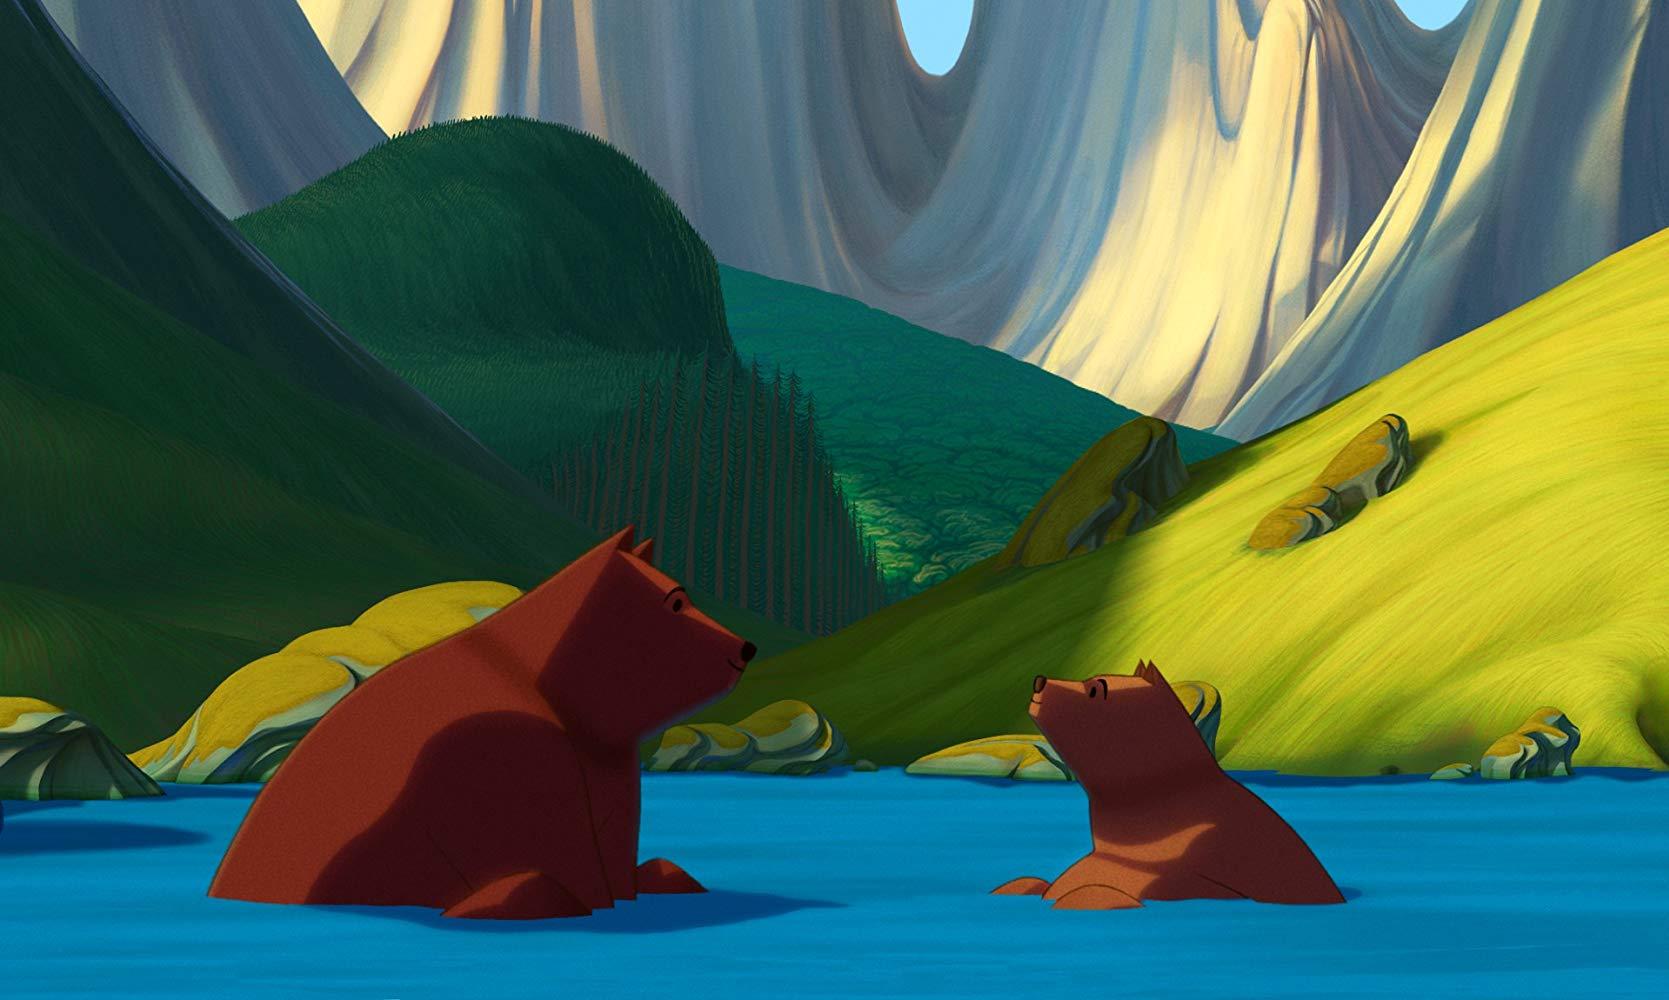 La famosa invasione degli orsi in sicilia: una scena del film animato